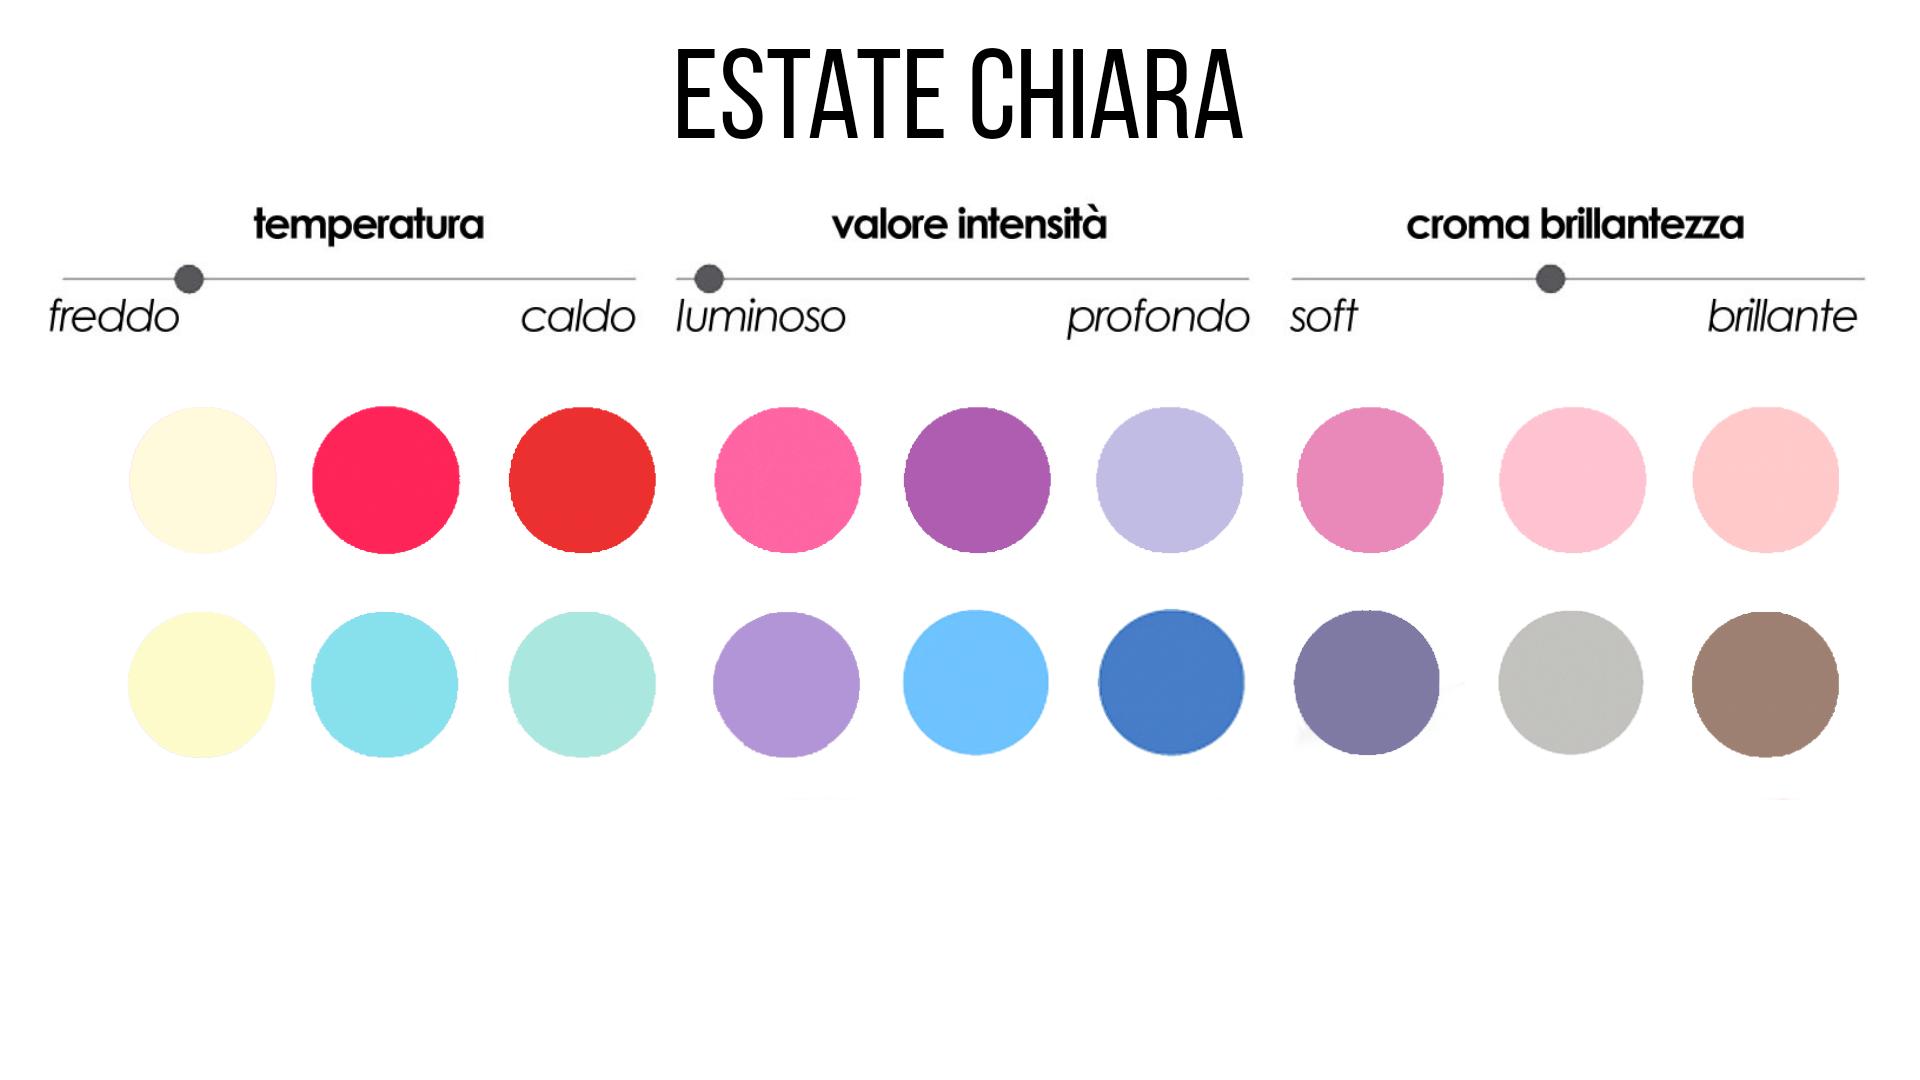 Delicato Colore Viola Pallido colori-make-up stagione estate chiara - stagioni con